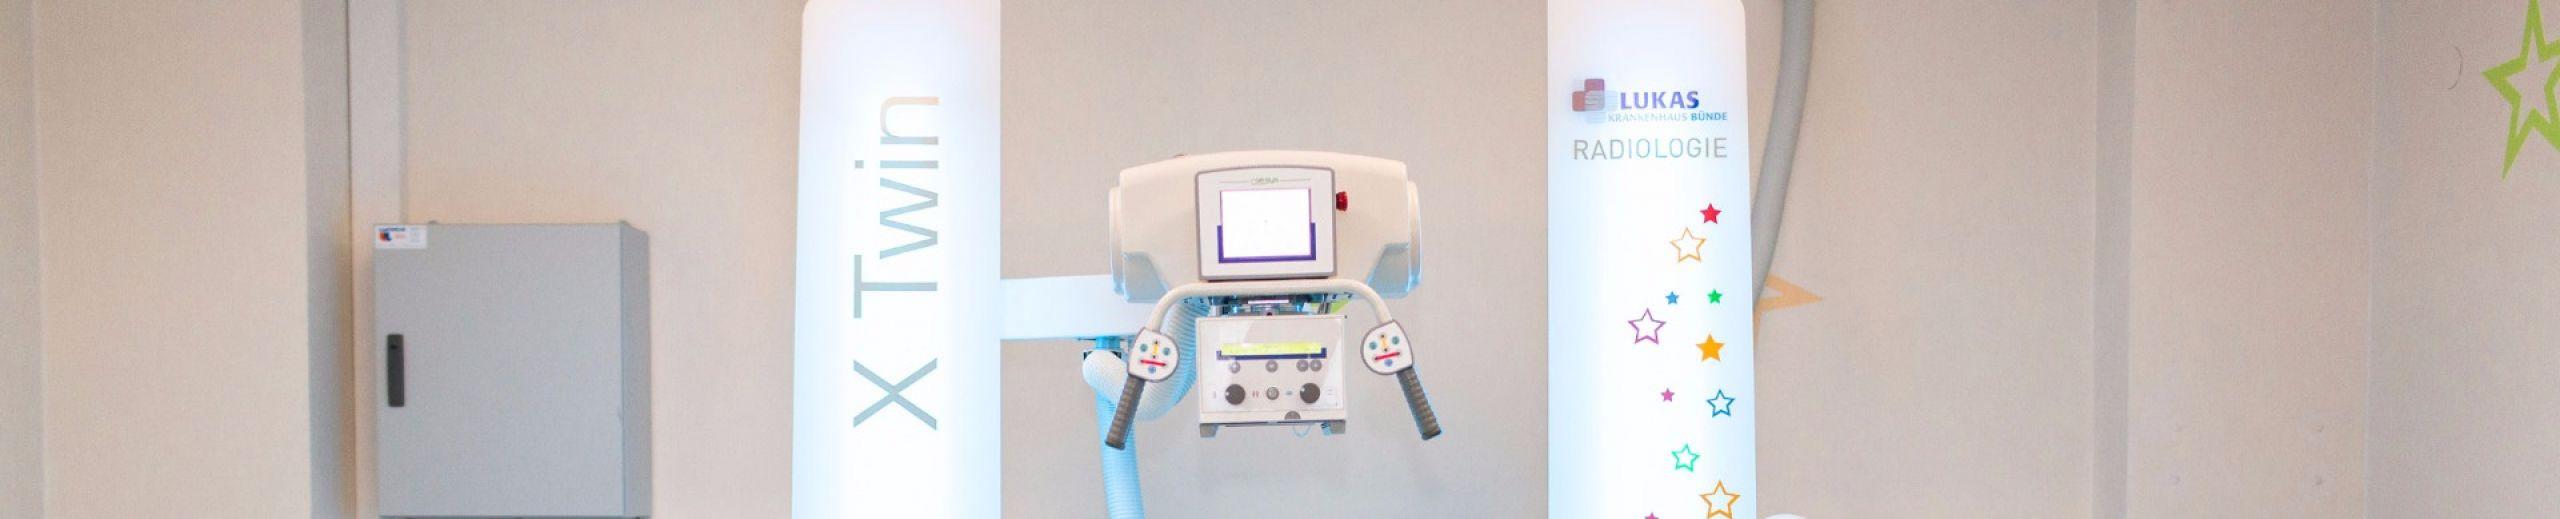 Wunderbar Radiologie Technologie Wird Fortgesetzt Zeitgenössisch ...